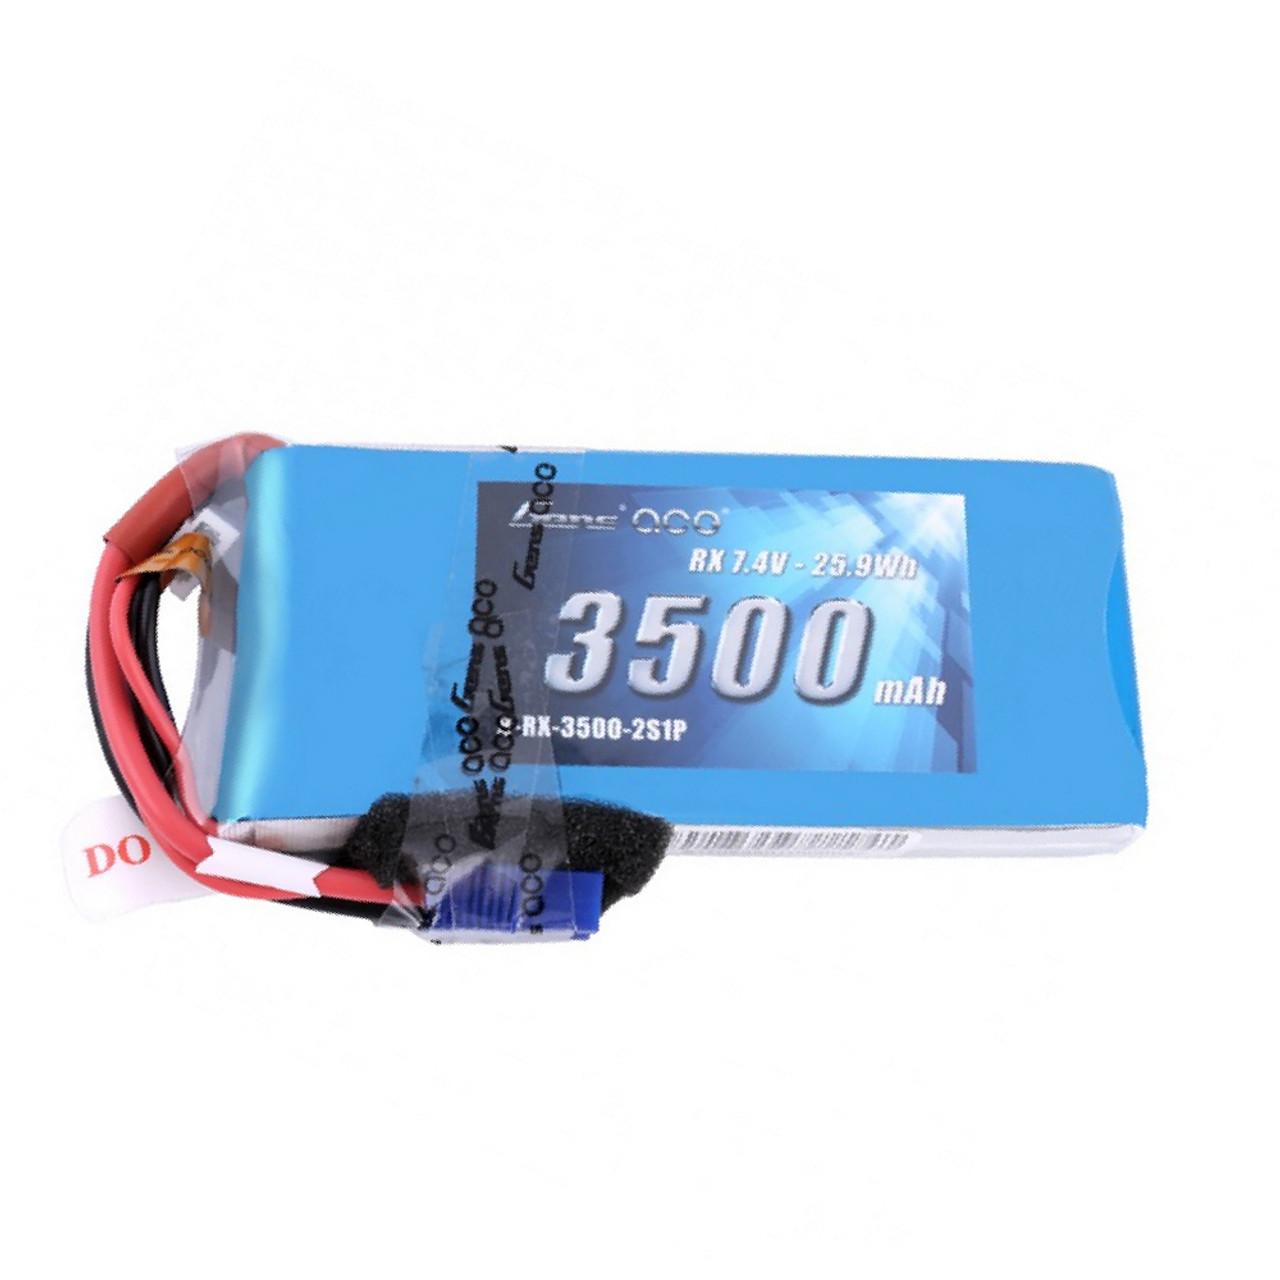 Li-Po 2 S 7.4 V 5000 mAh RX Avec Futaba